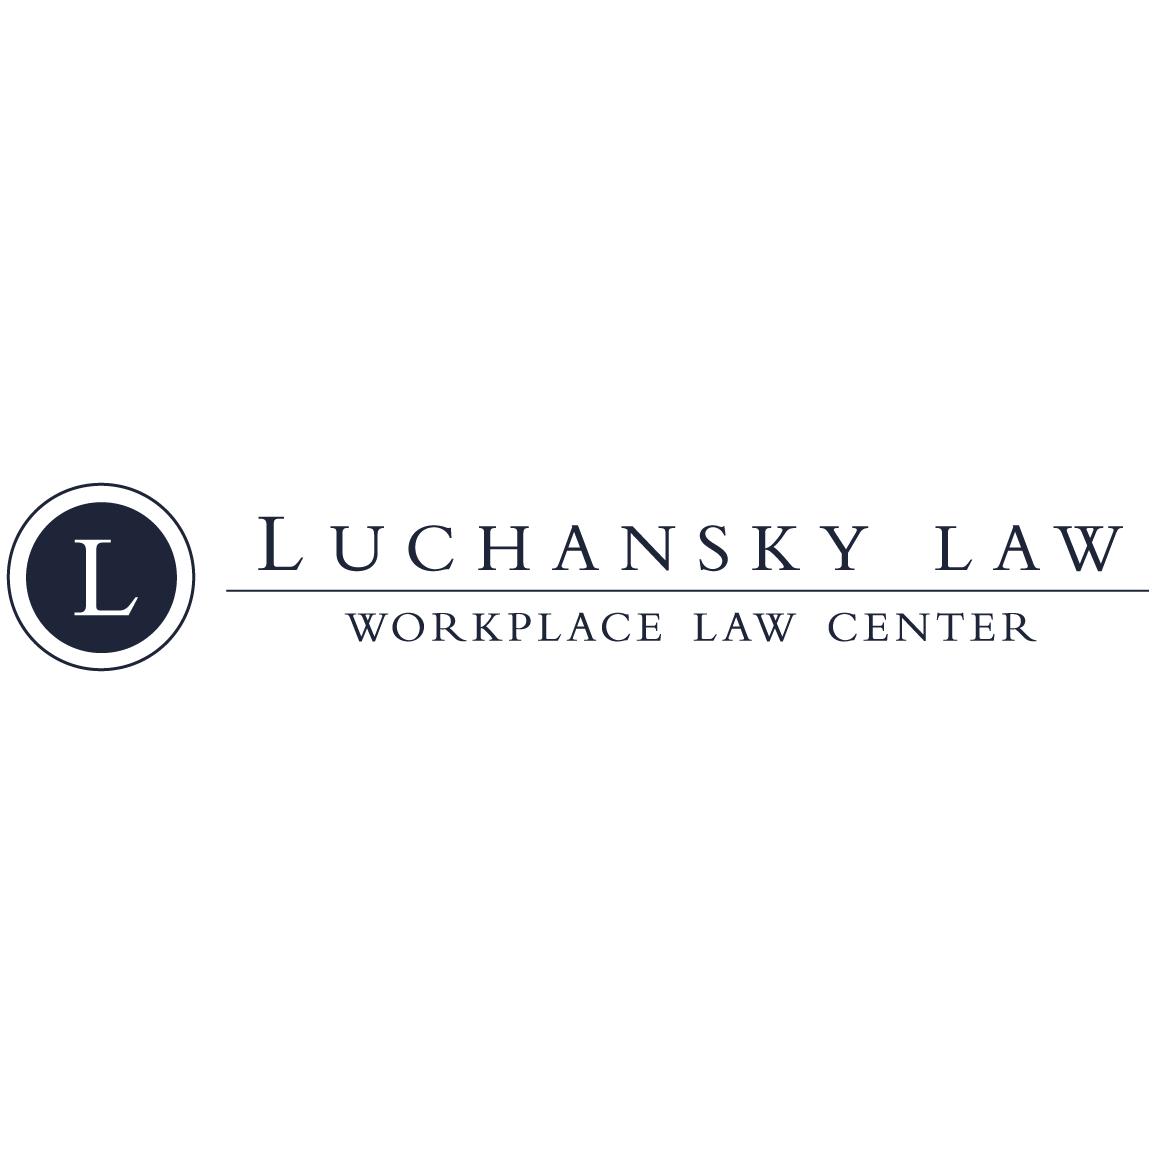 Luchansky Law